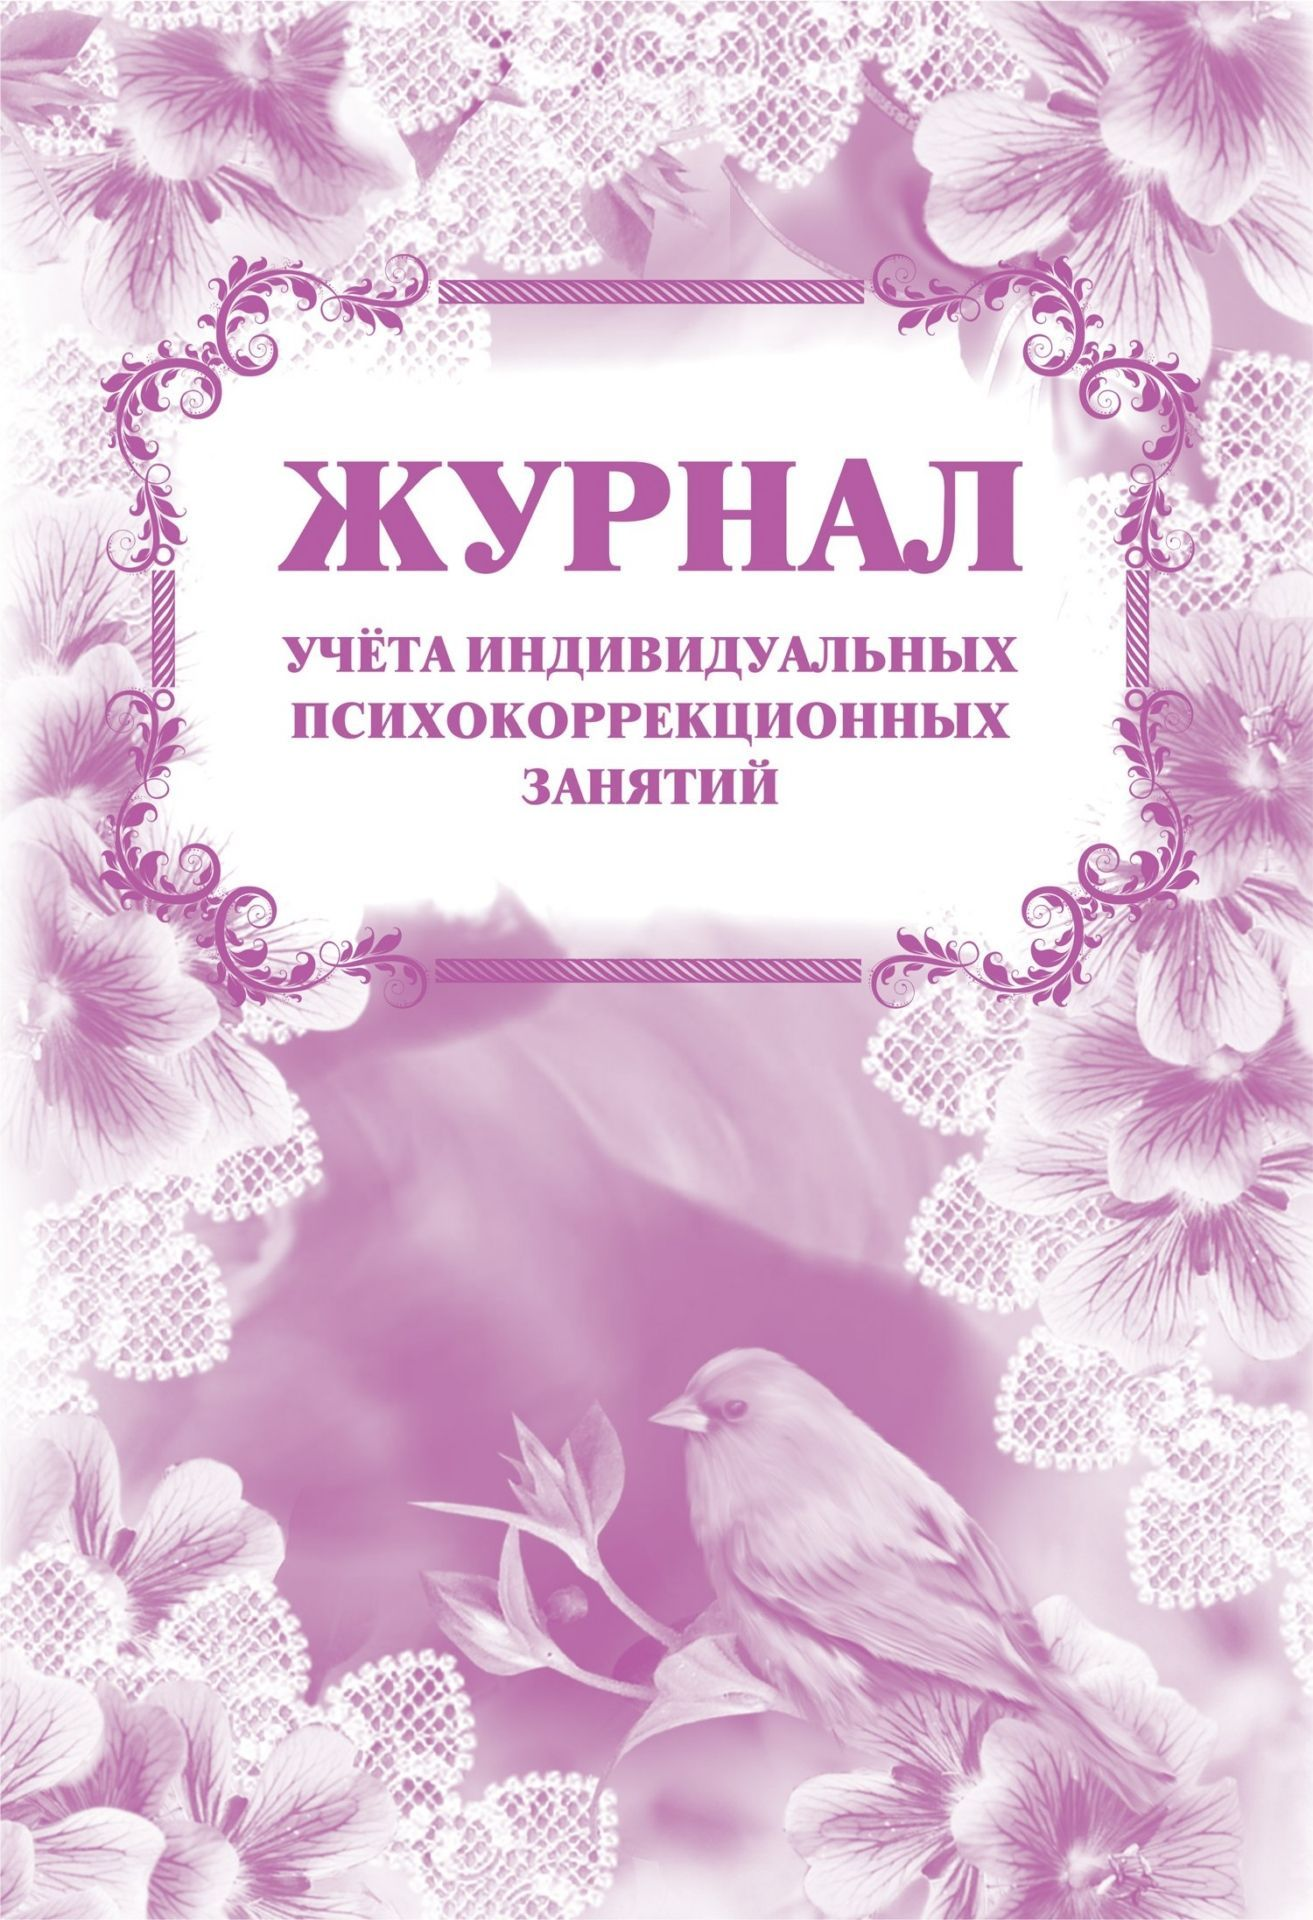 Журнал учета индивидуальных психокоррекционных занятий